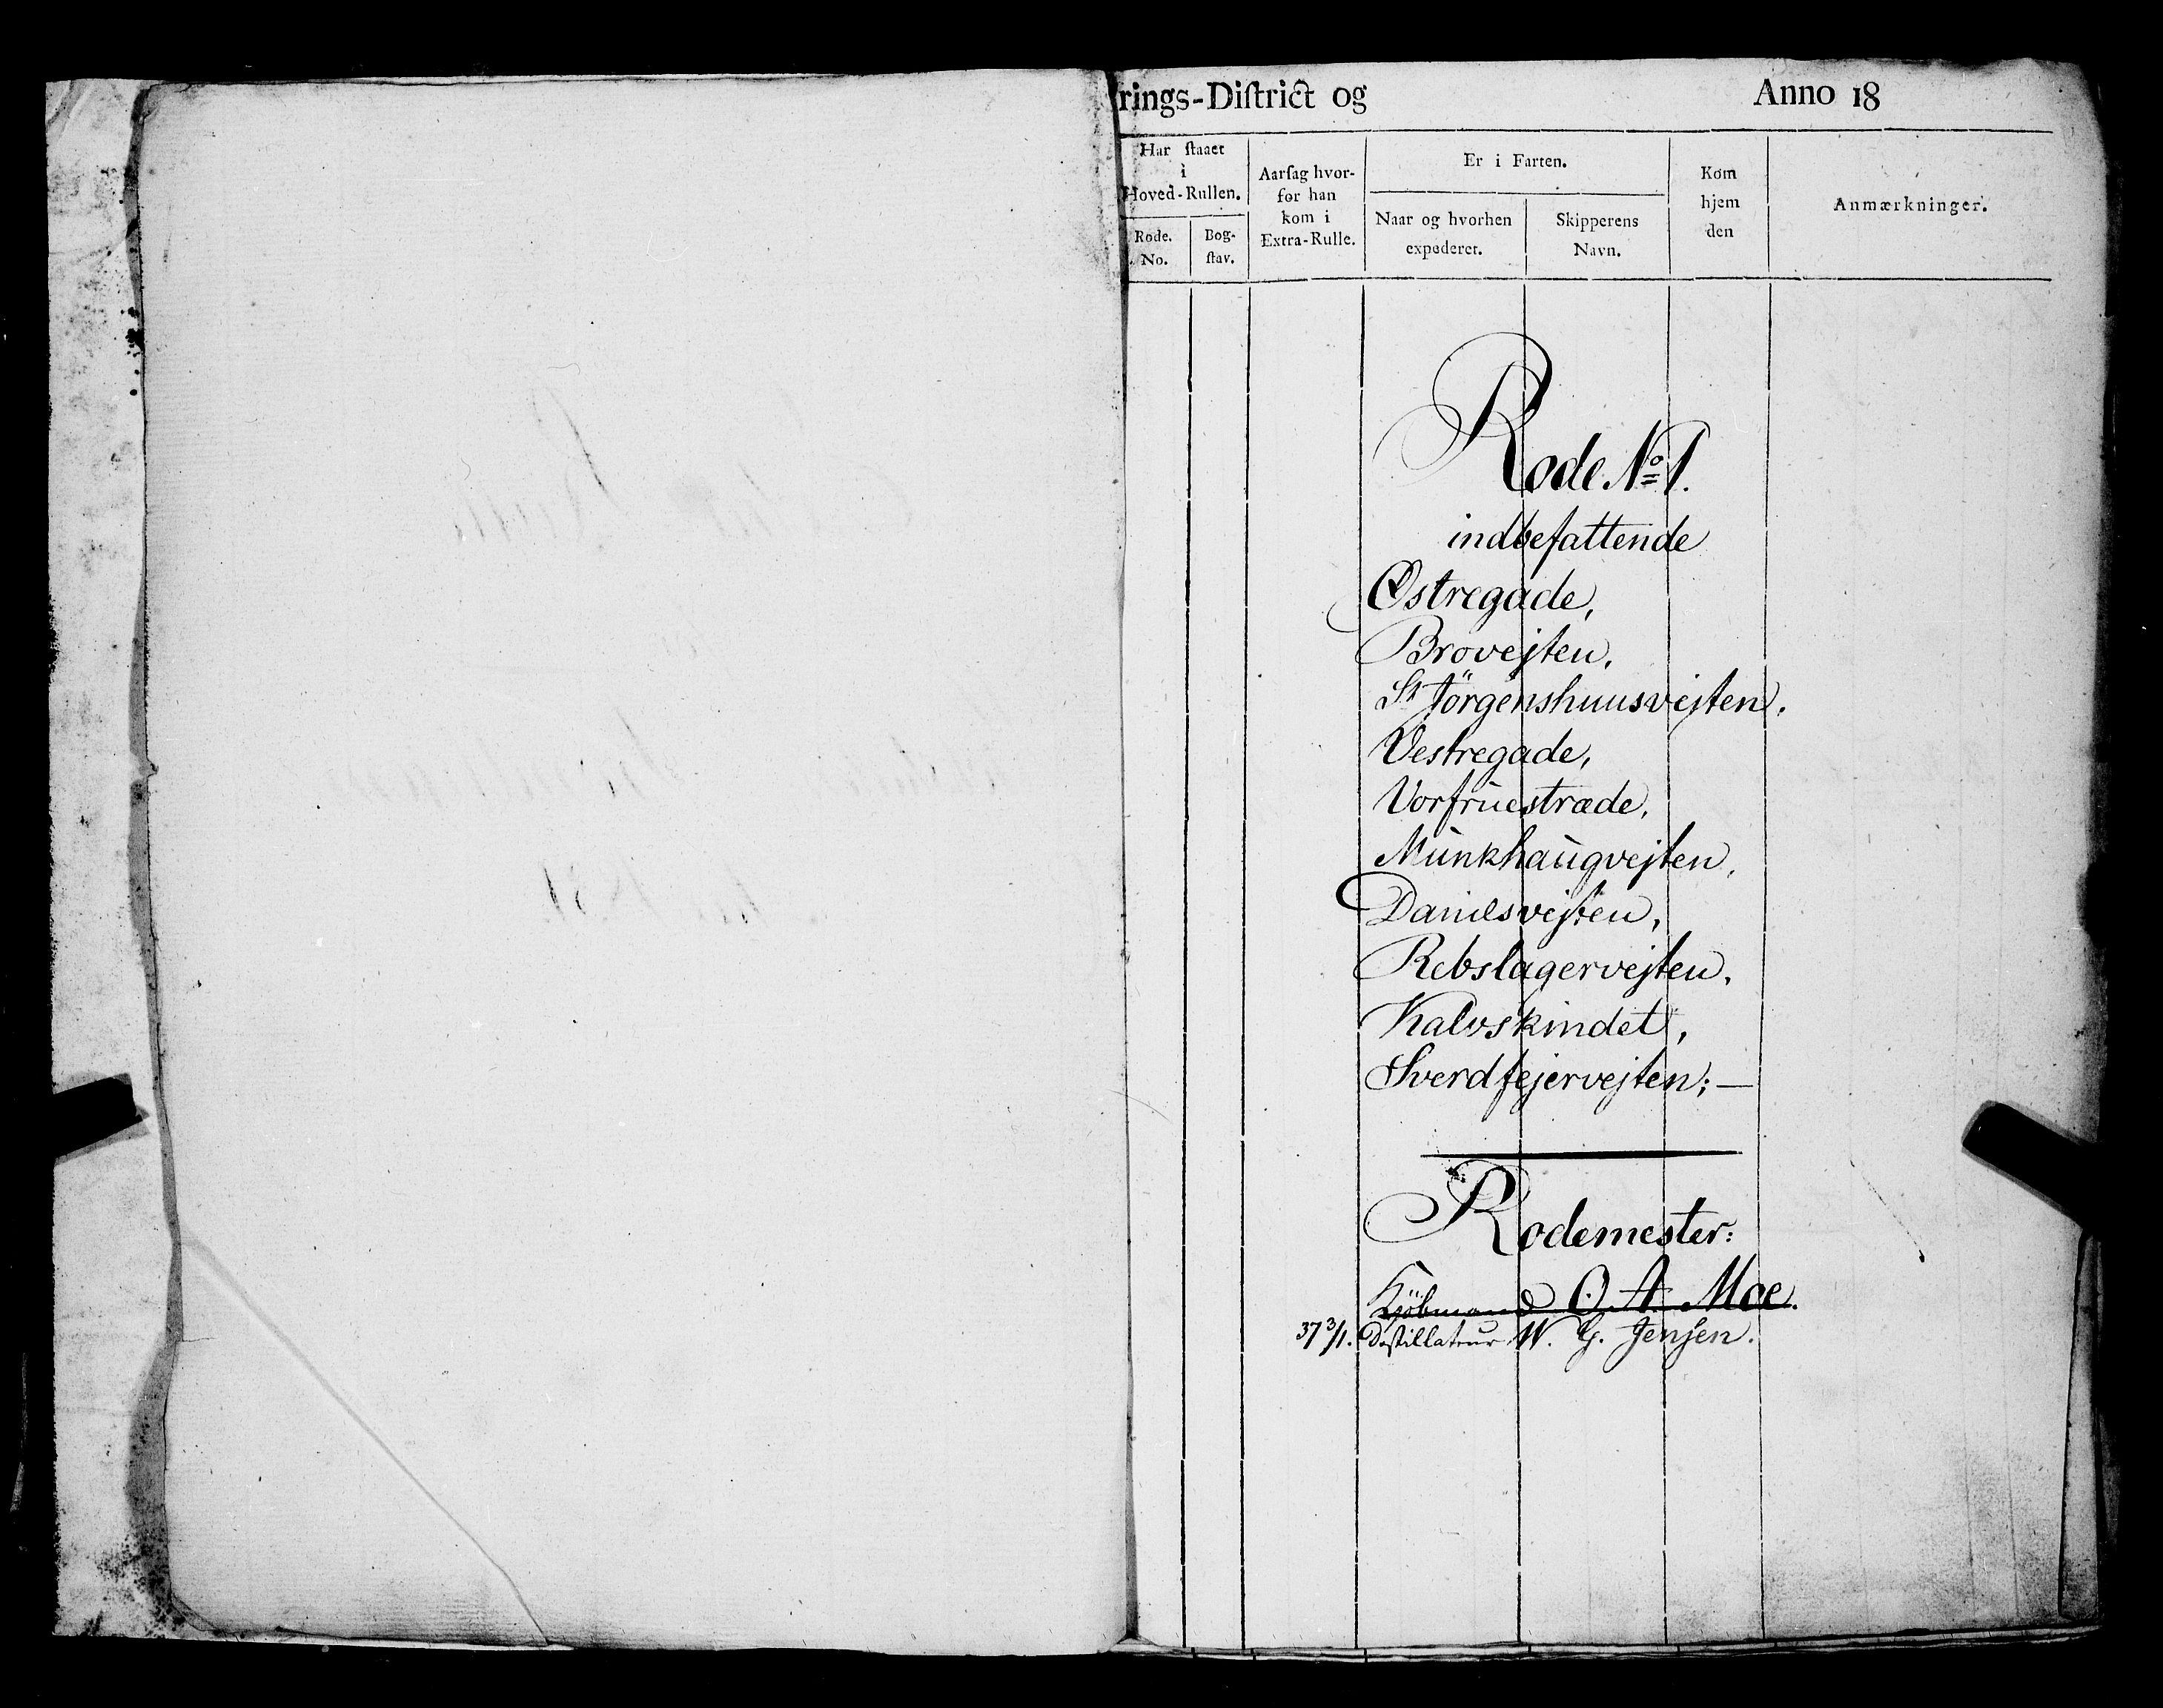 SAT, Sjøinnrulleringen - Trondhjemske distrikt, 01/L0025: --, 1831